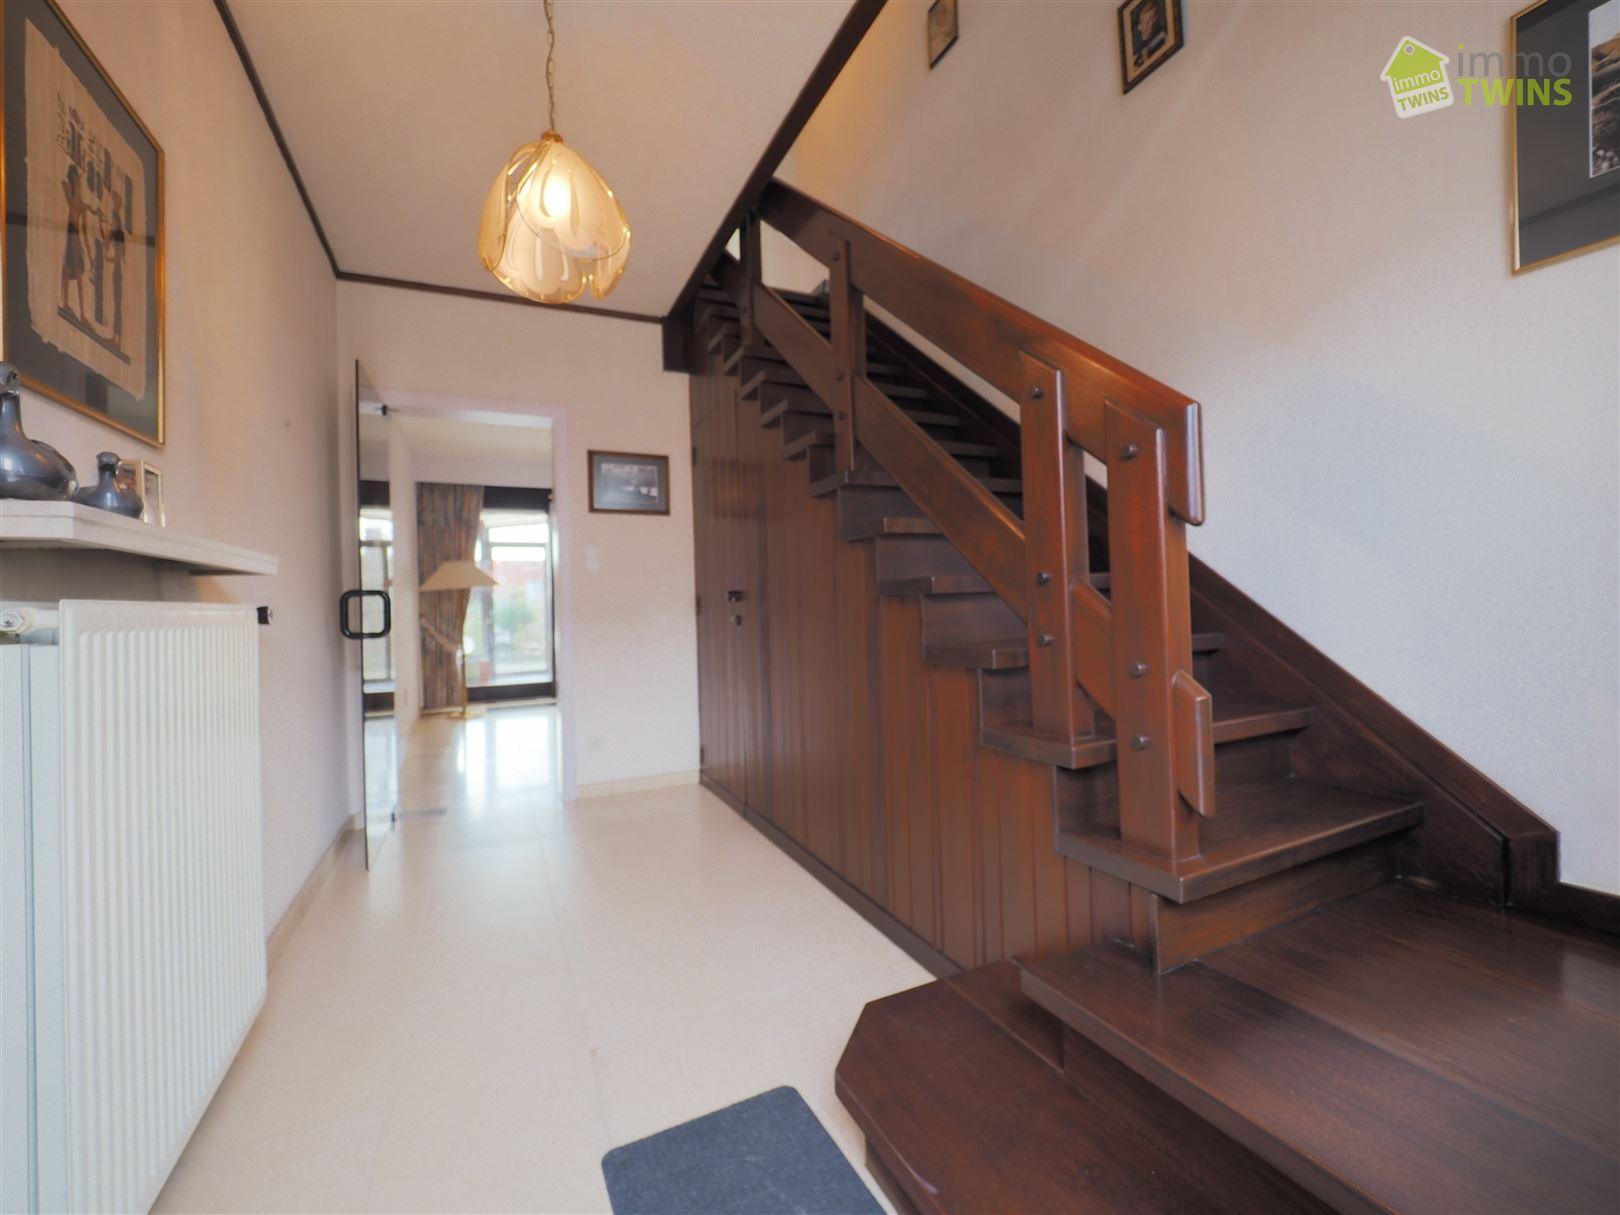 Foto 2 : Huis te 9240 ZELE (België) - Prijs € 345.000